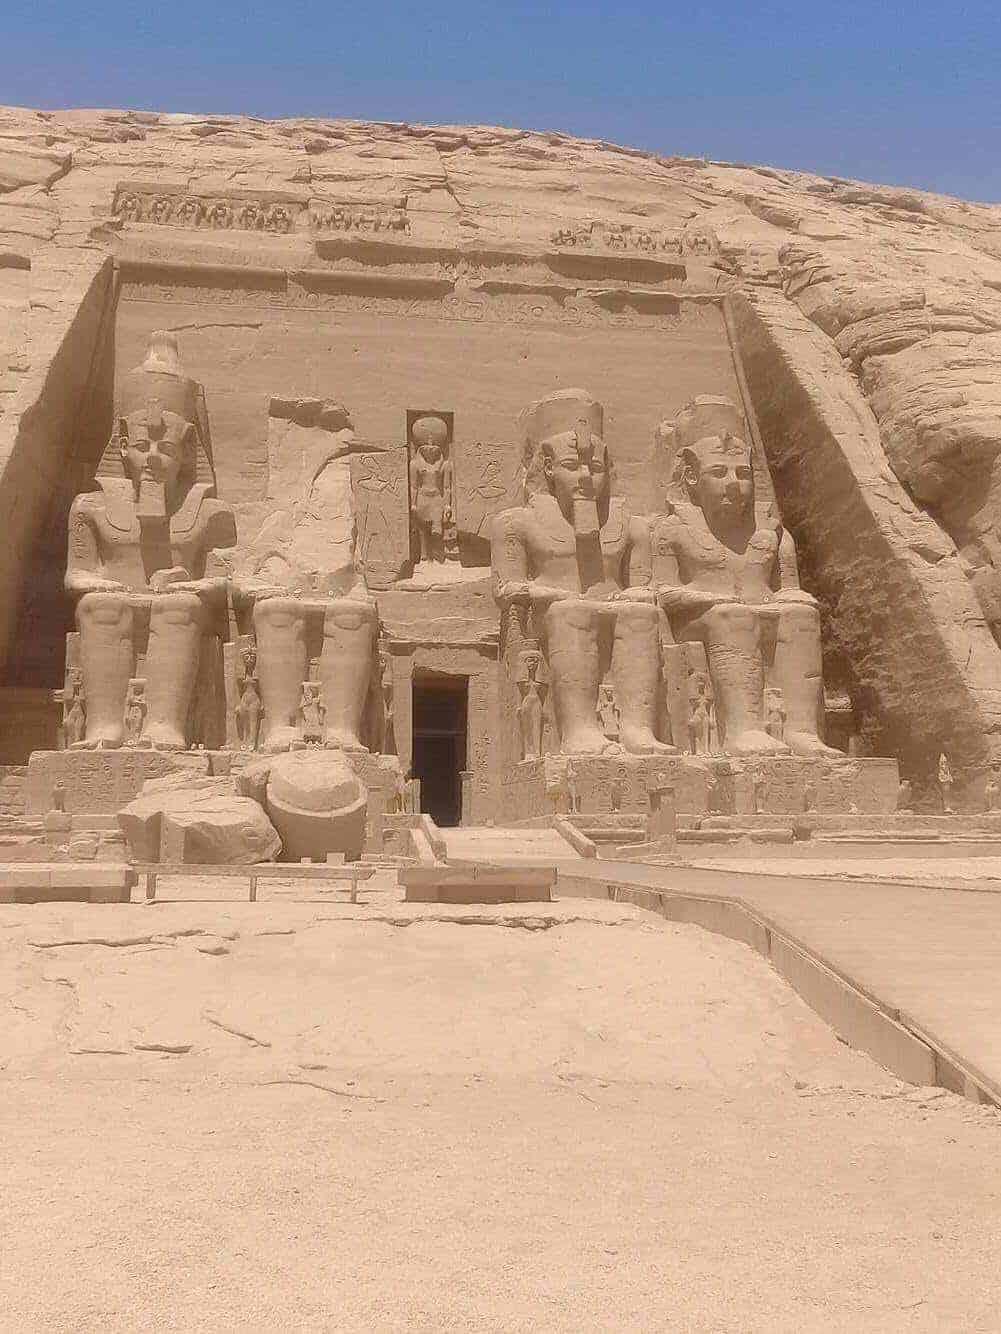 The Amazing Abu Simbel Temple